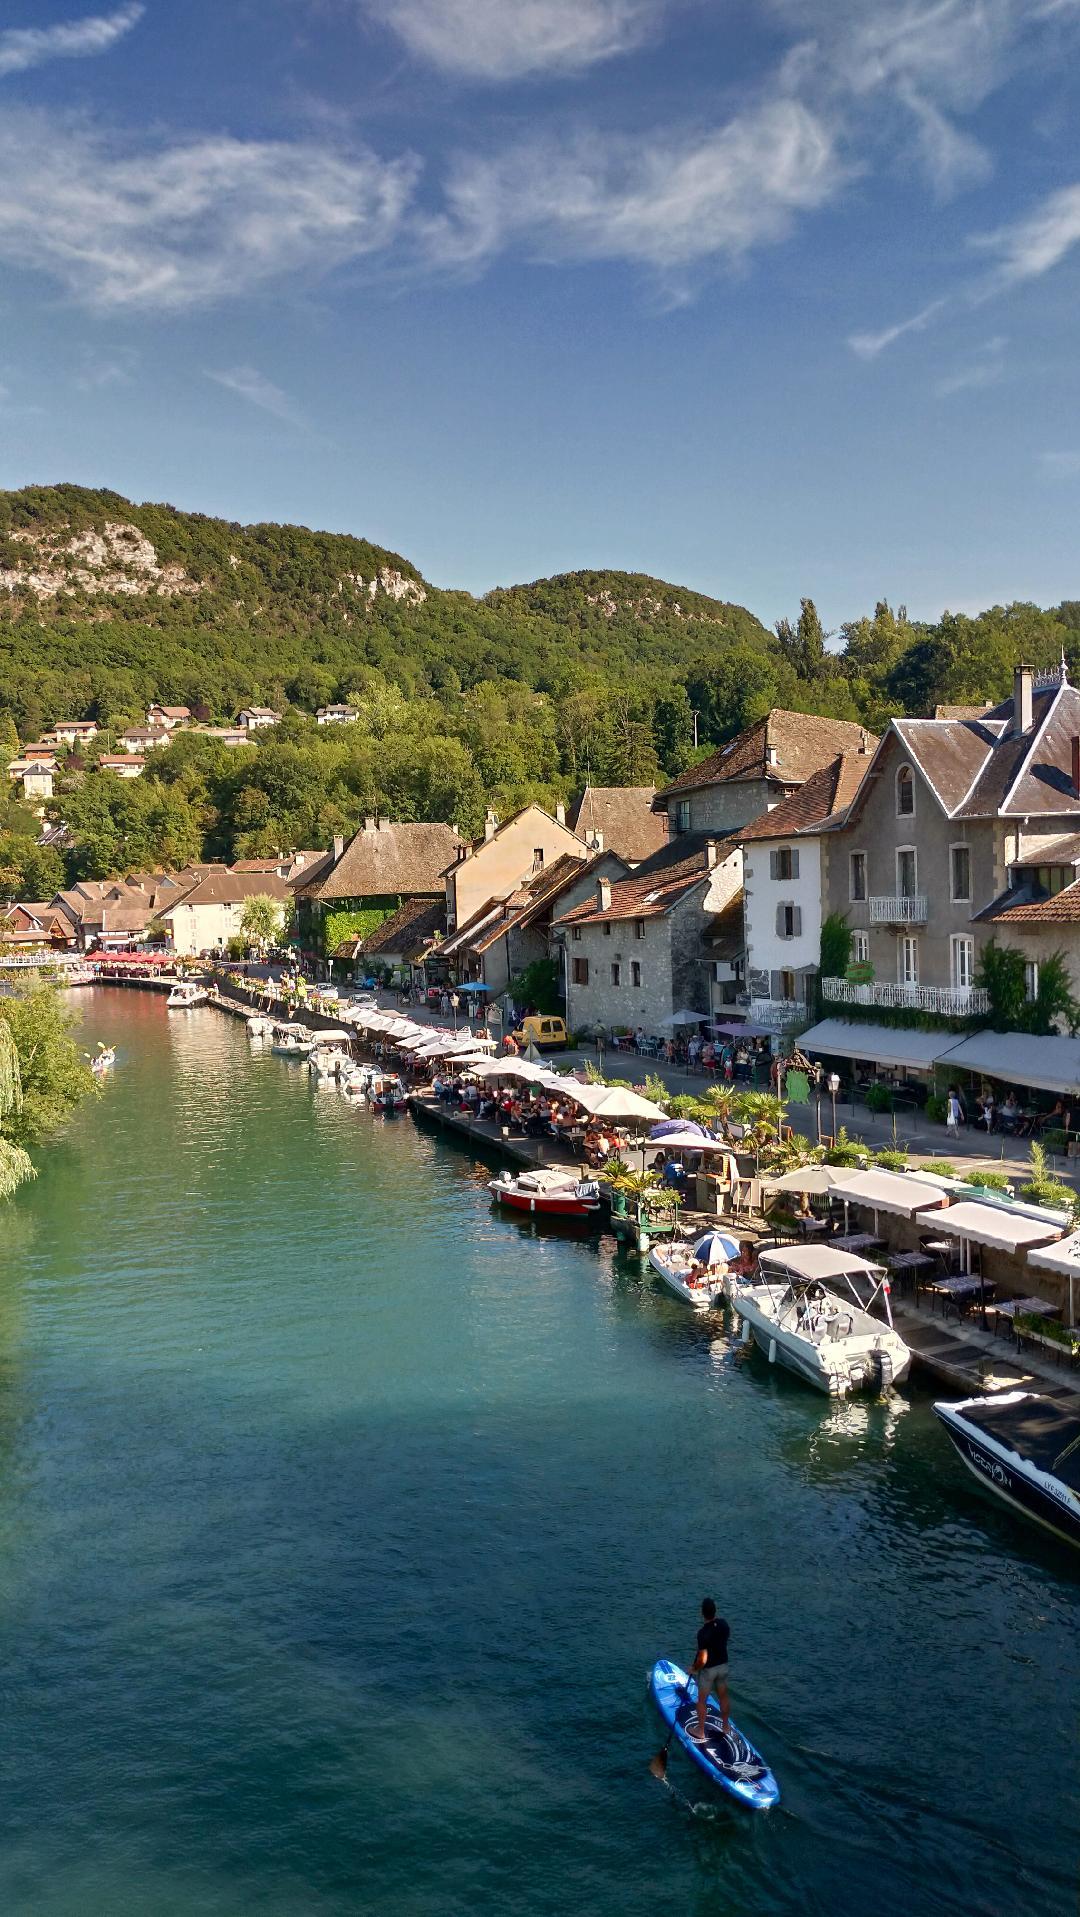 Village de Canaz surnommé la petite venise de savoie près du lac du Bourget